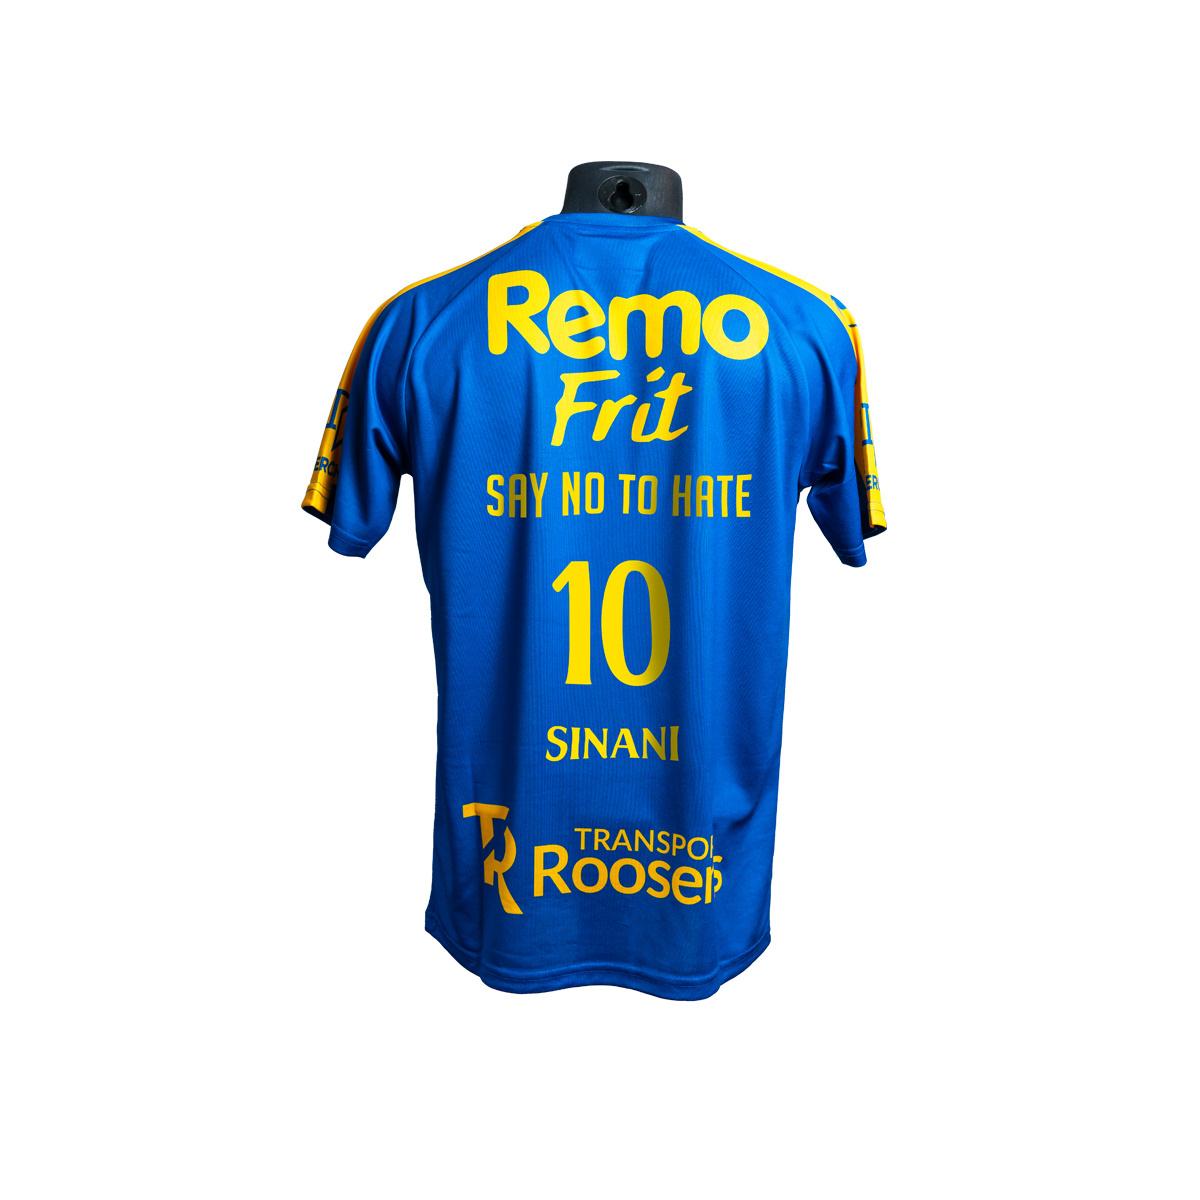 Topfanz Say No To Hate - shirt Sinani